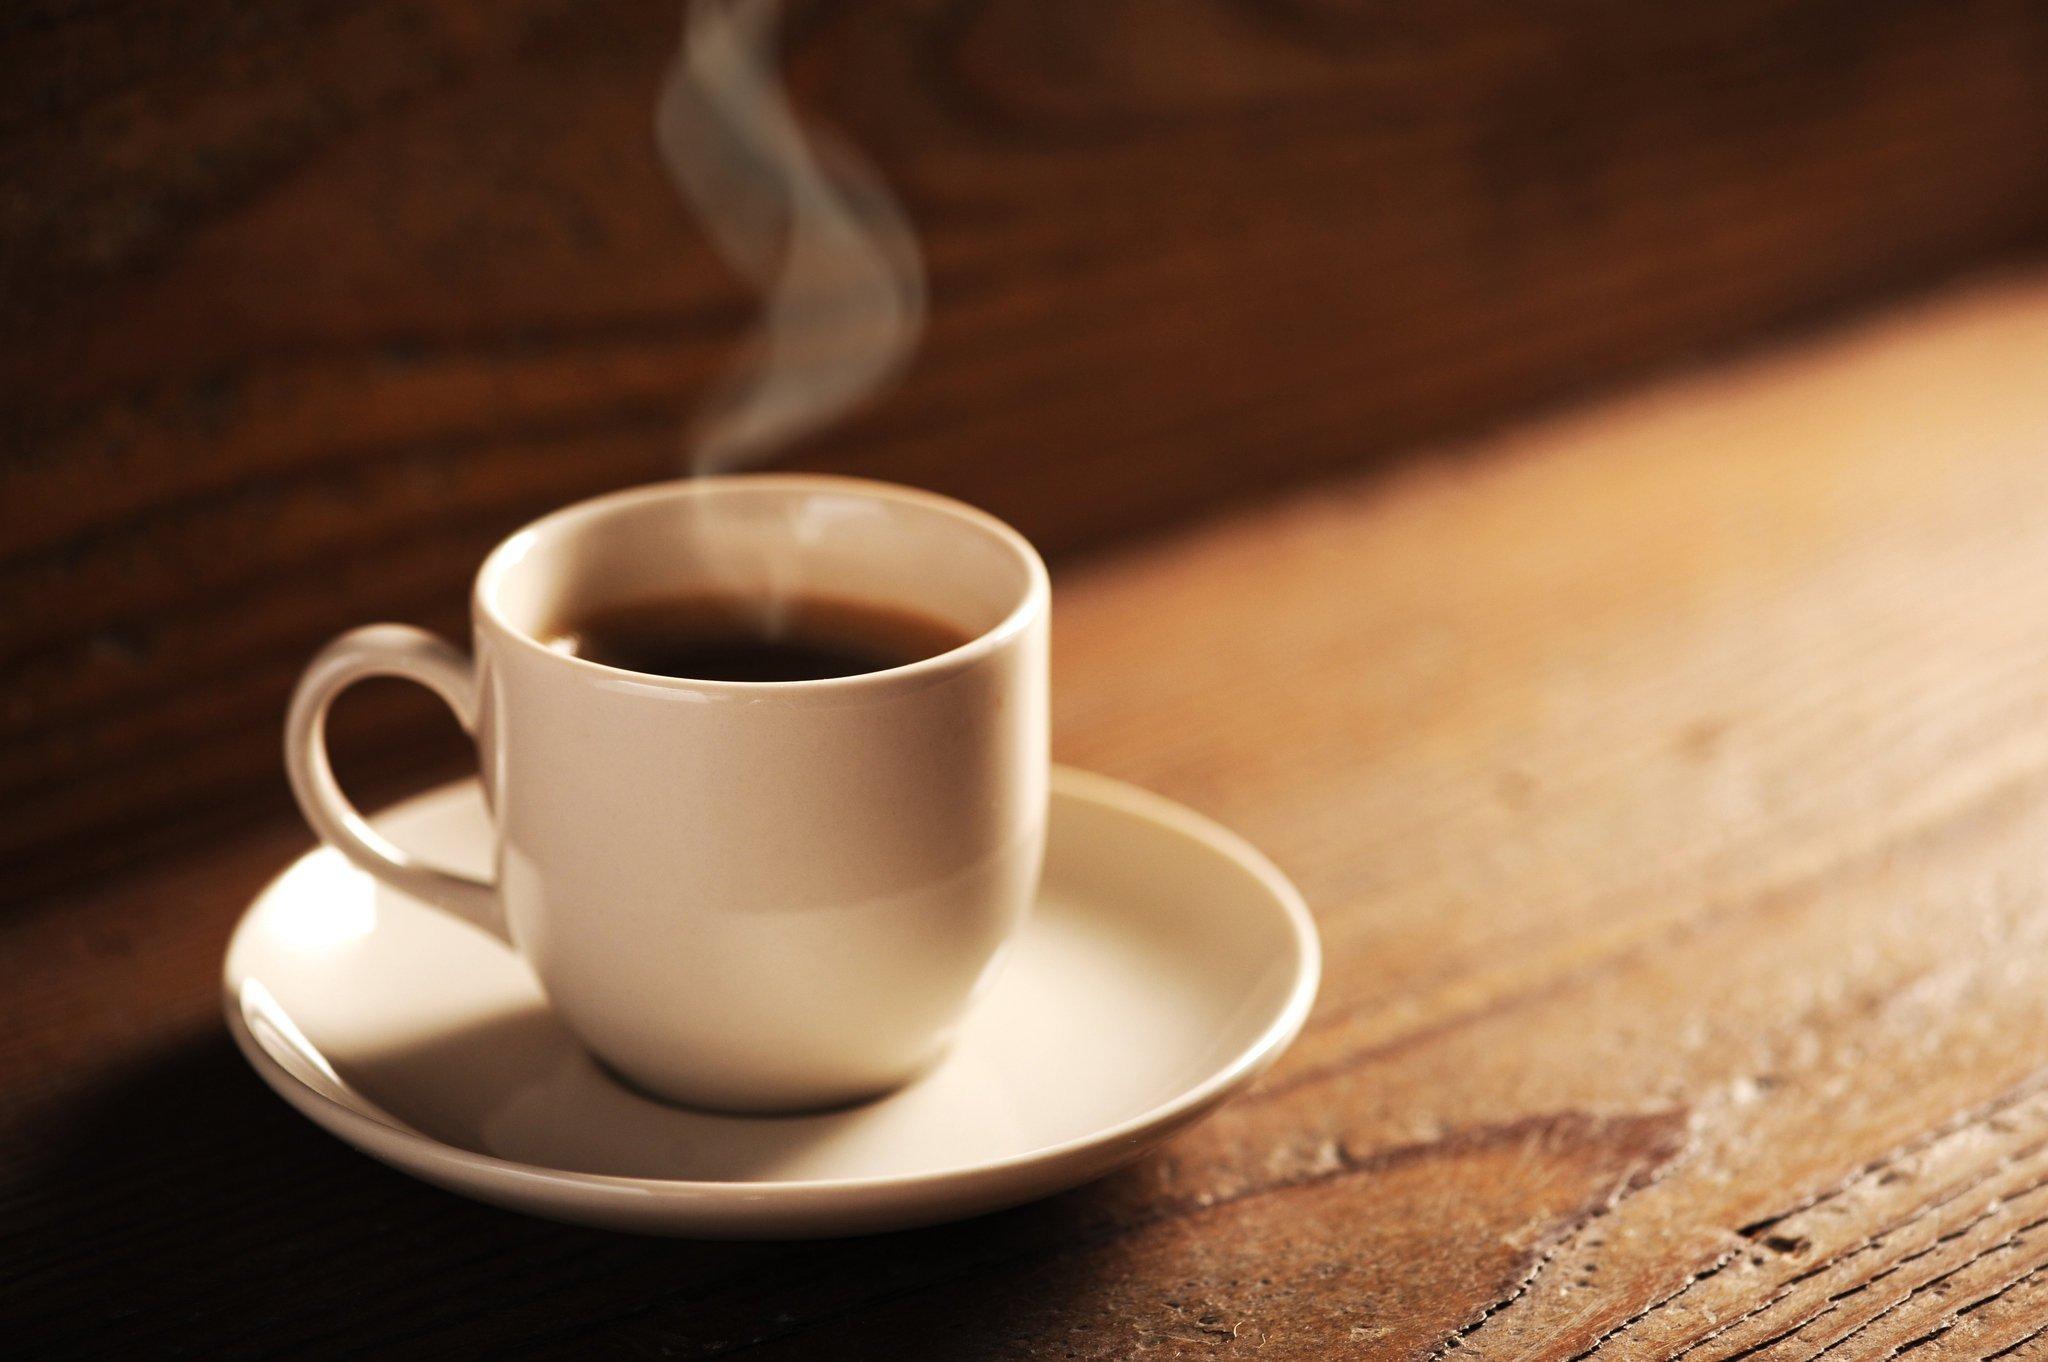 Il caffè prima di dormire? Cos'è il Coffee power nap